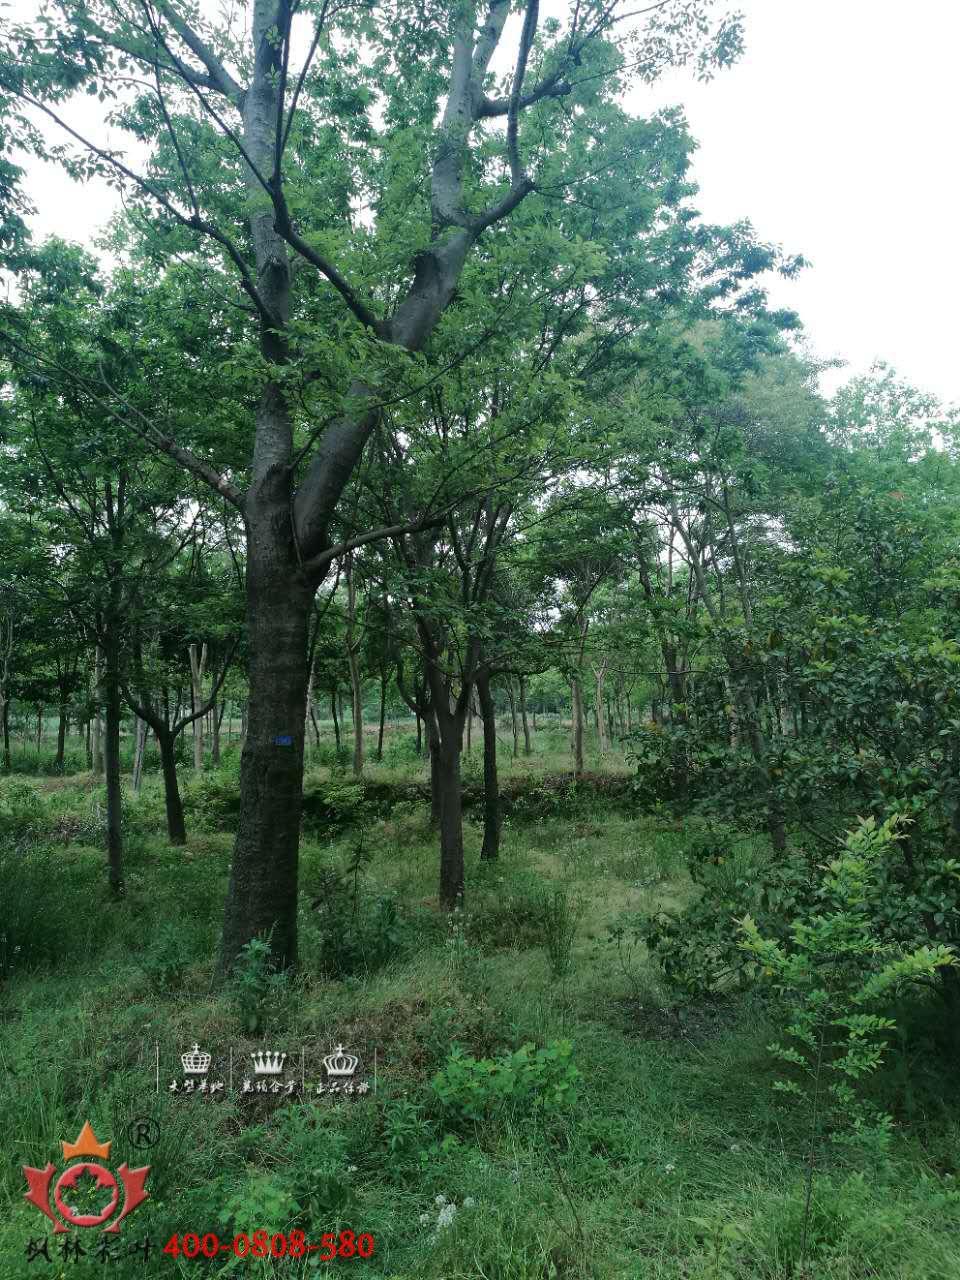 朴树,小叶朴,大叶朴,珊瑚朴